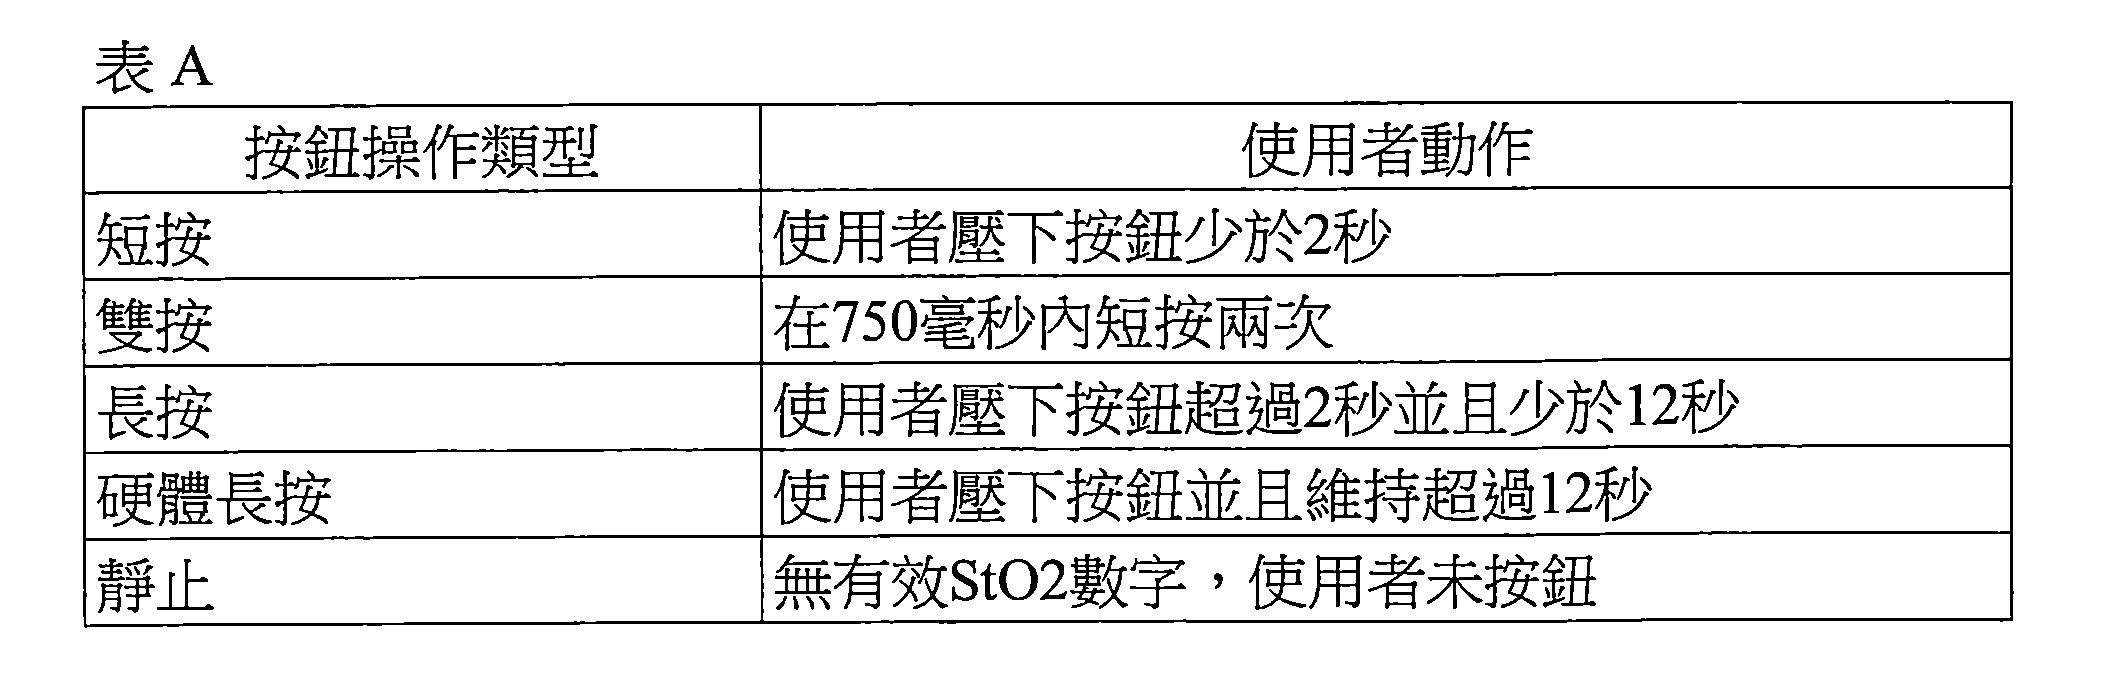 Figure TW201803523AD00001